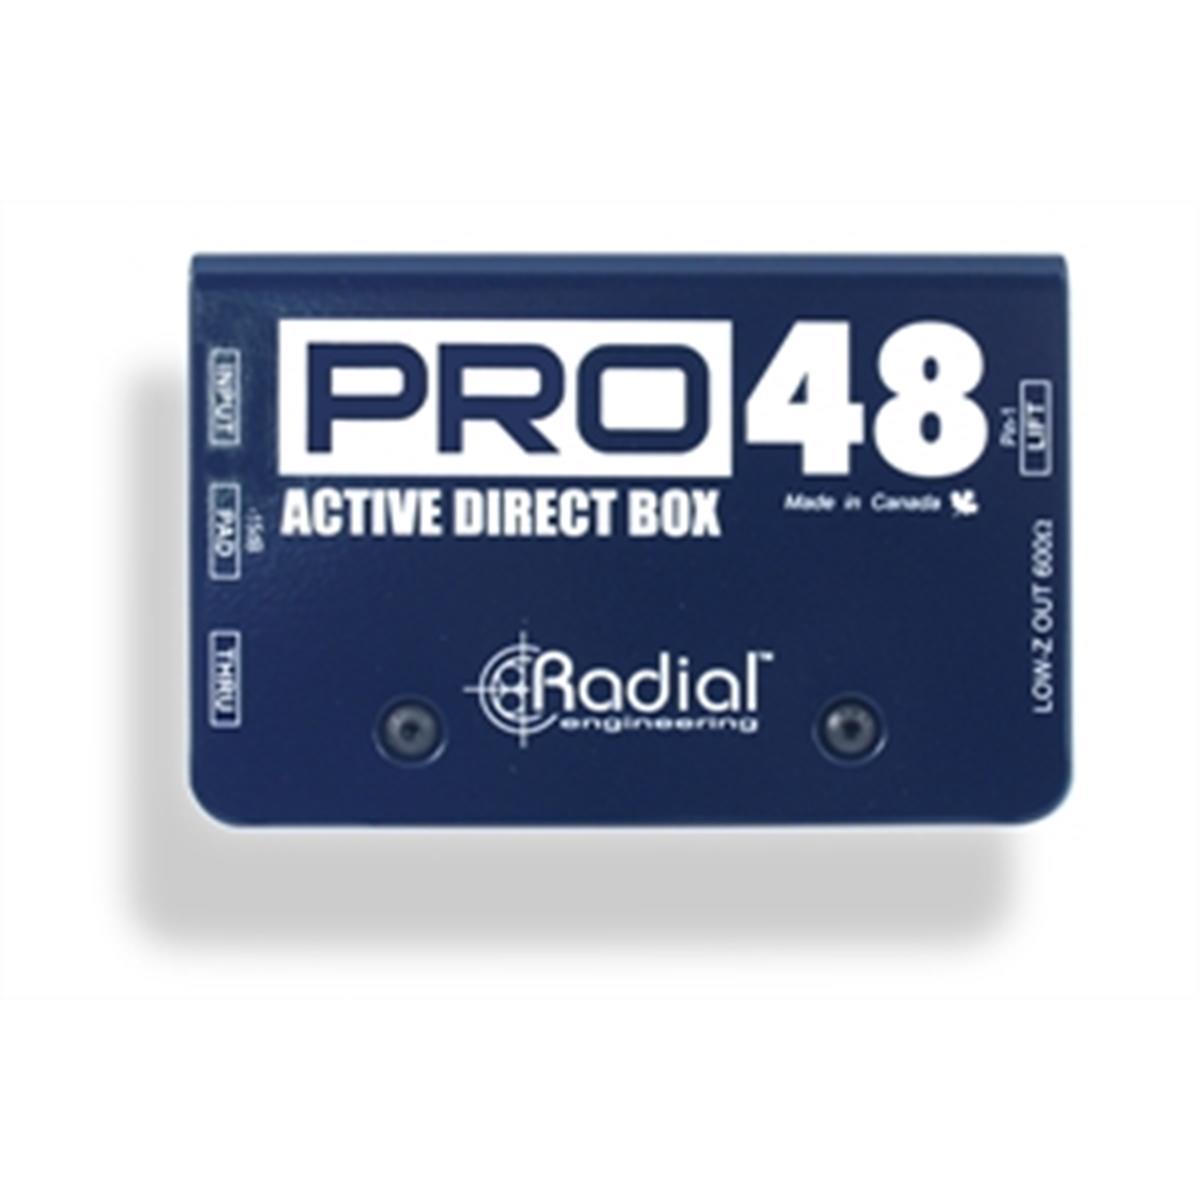 RADIAL PRO 48 DI BOX ATTIVA